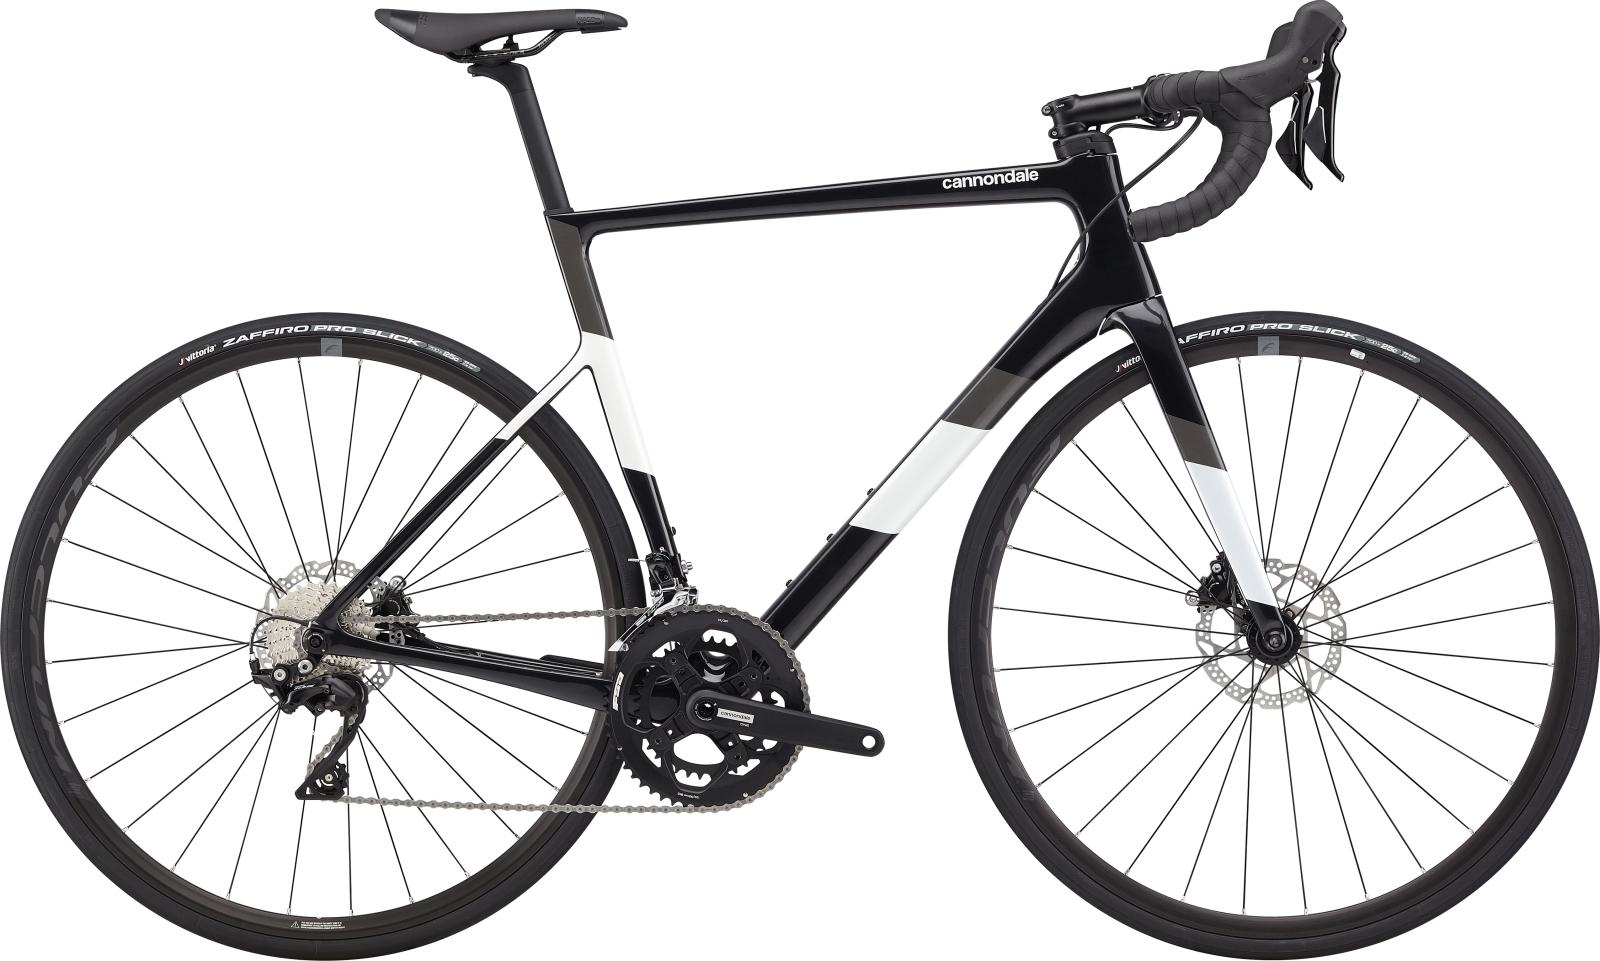 Cannondale Super Six Evo Carbon Disc 105 52/36 országúti kerékpár - fekete - 56 cm (2020)